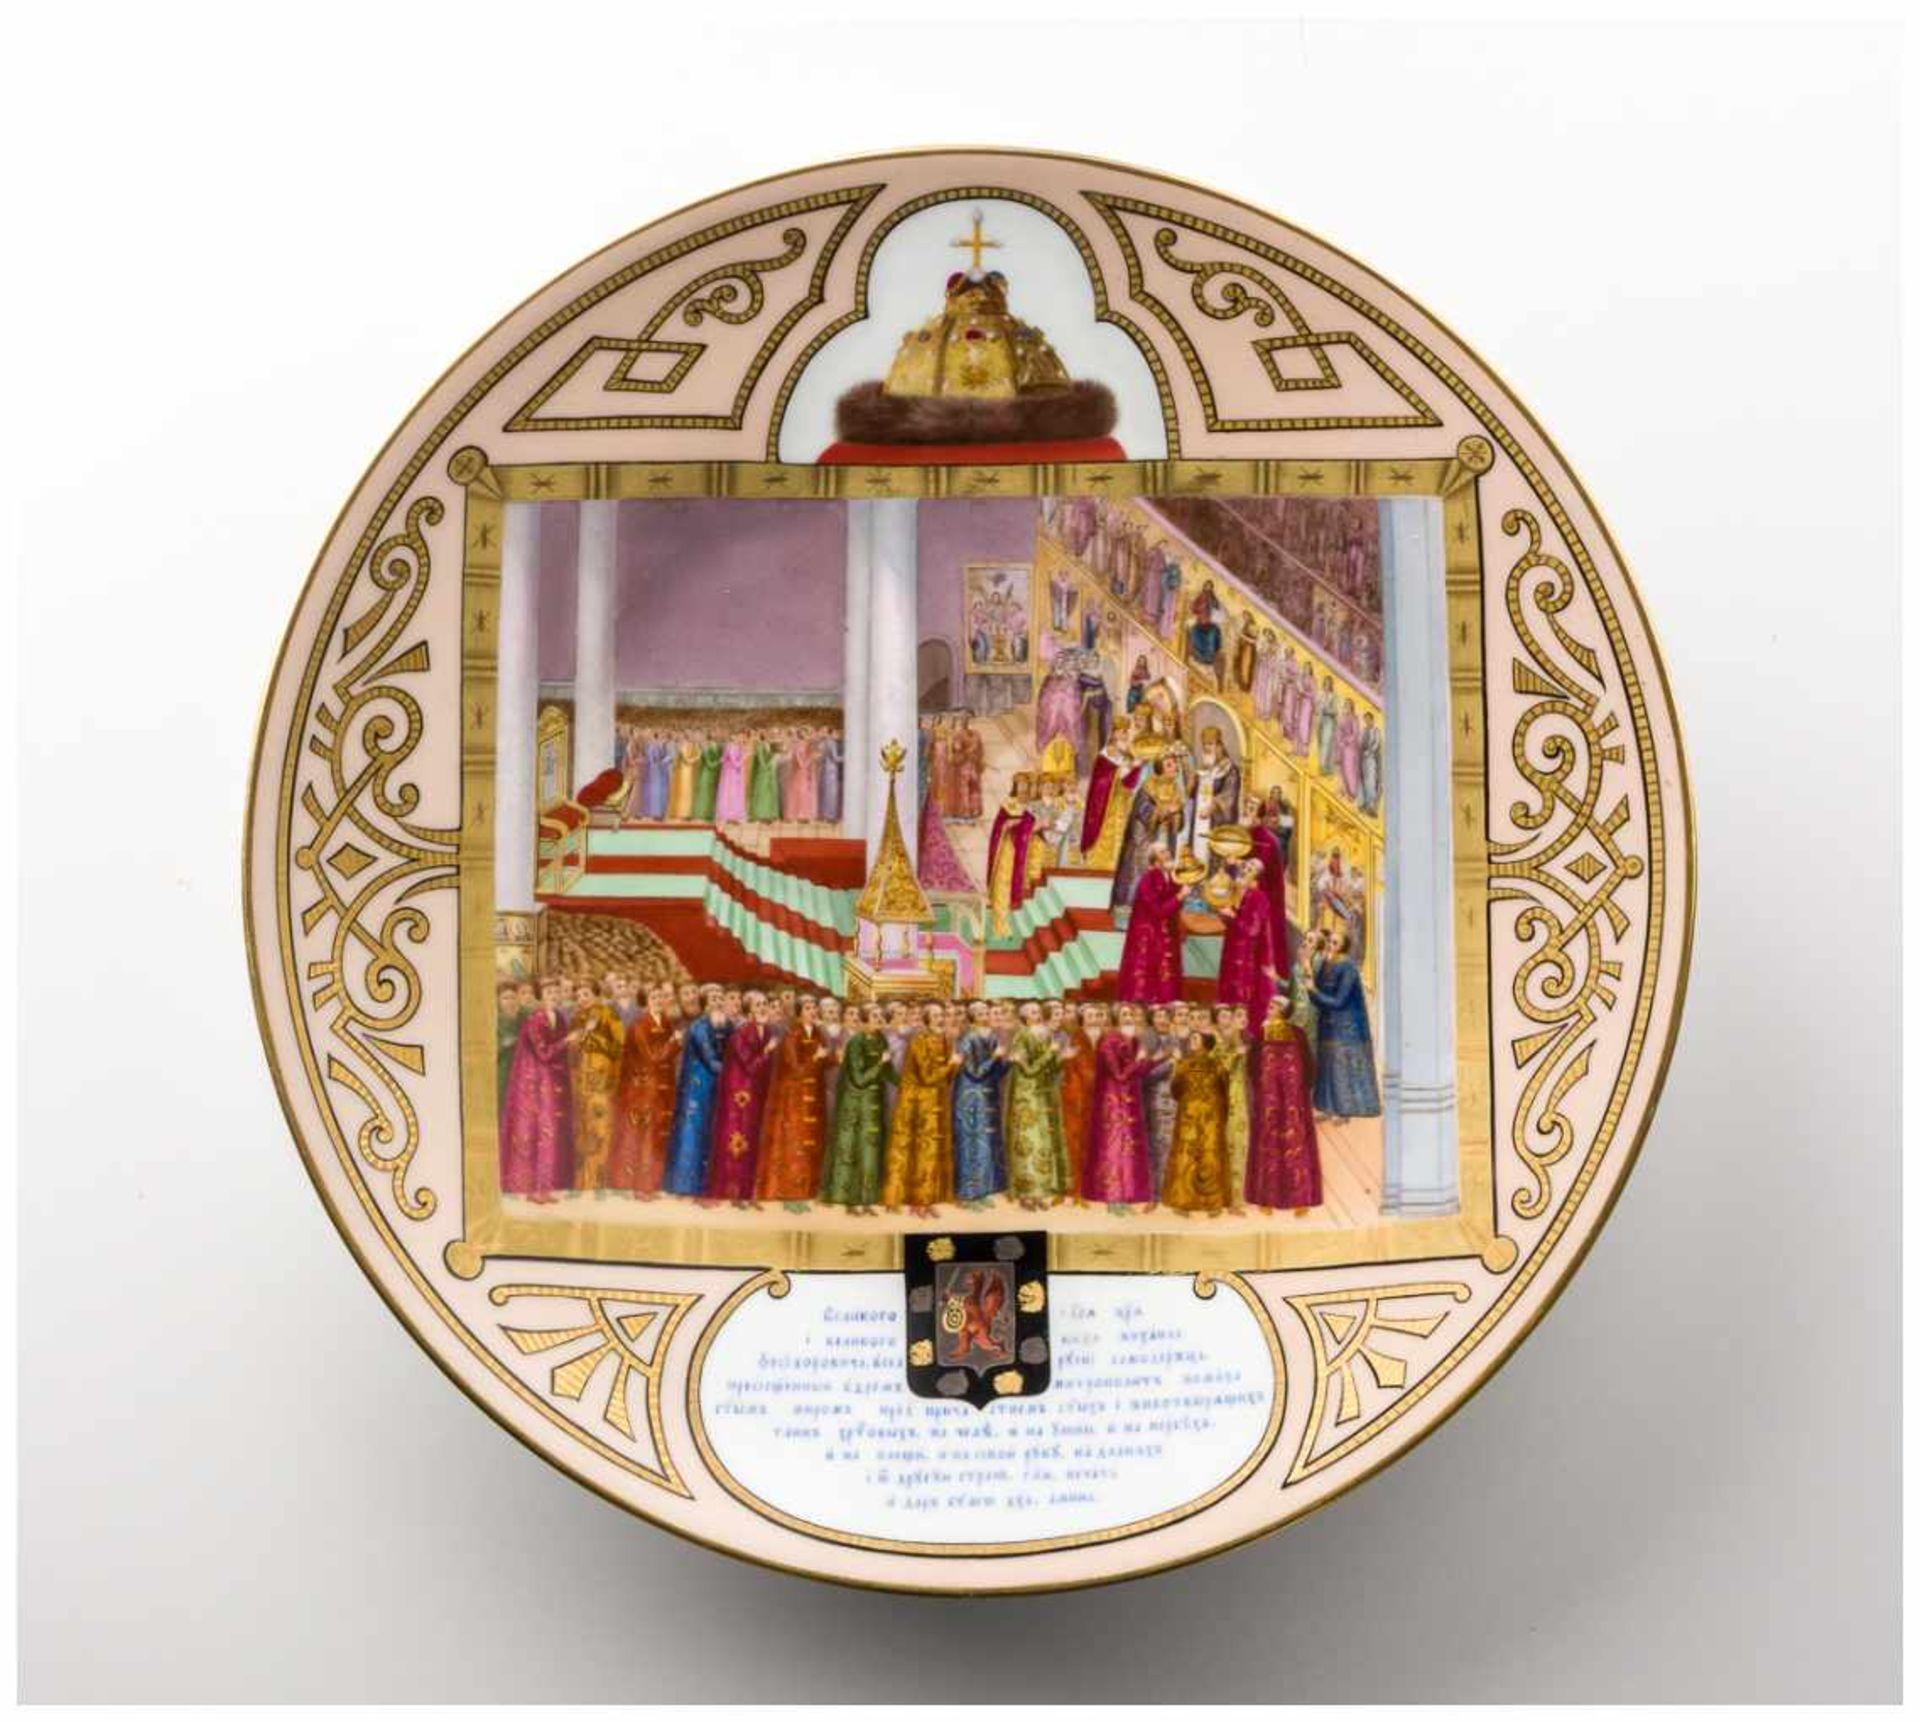 Los 37 - Gedenkteller Porzellan-Manufaktur Kuznetsov, wohl 1913 Höhe: 6 cm, Durchmesser: 39 cm Dargestellt